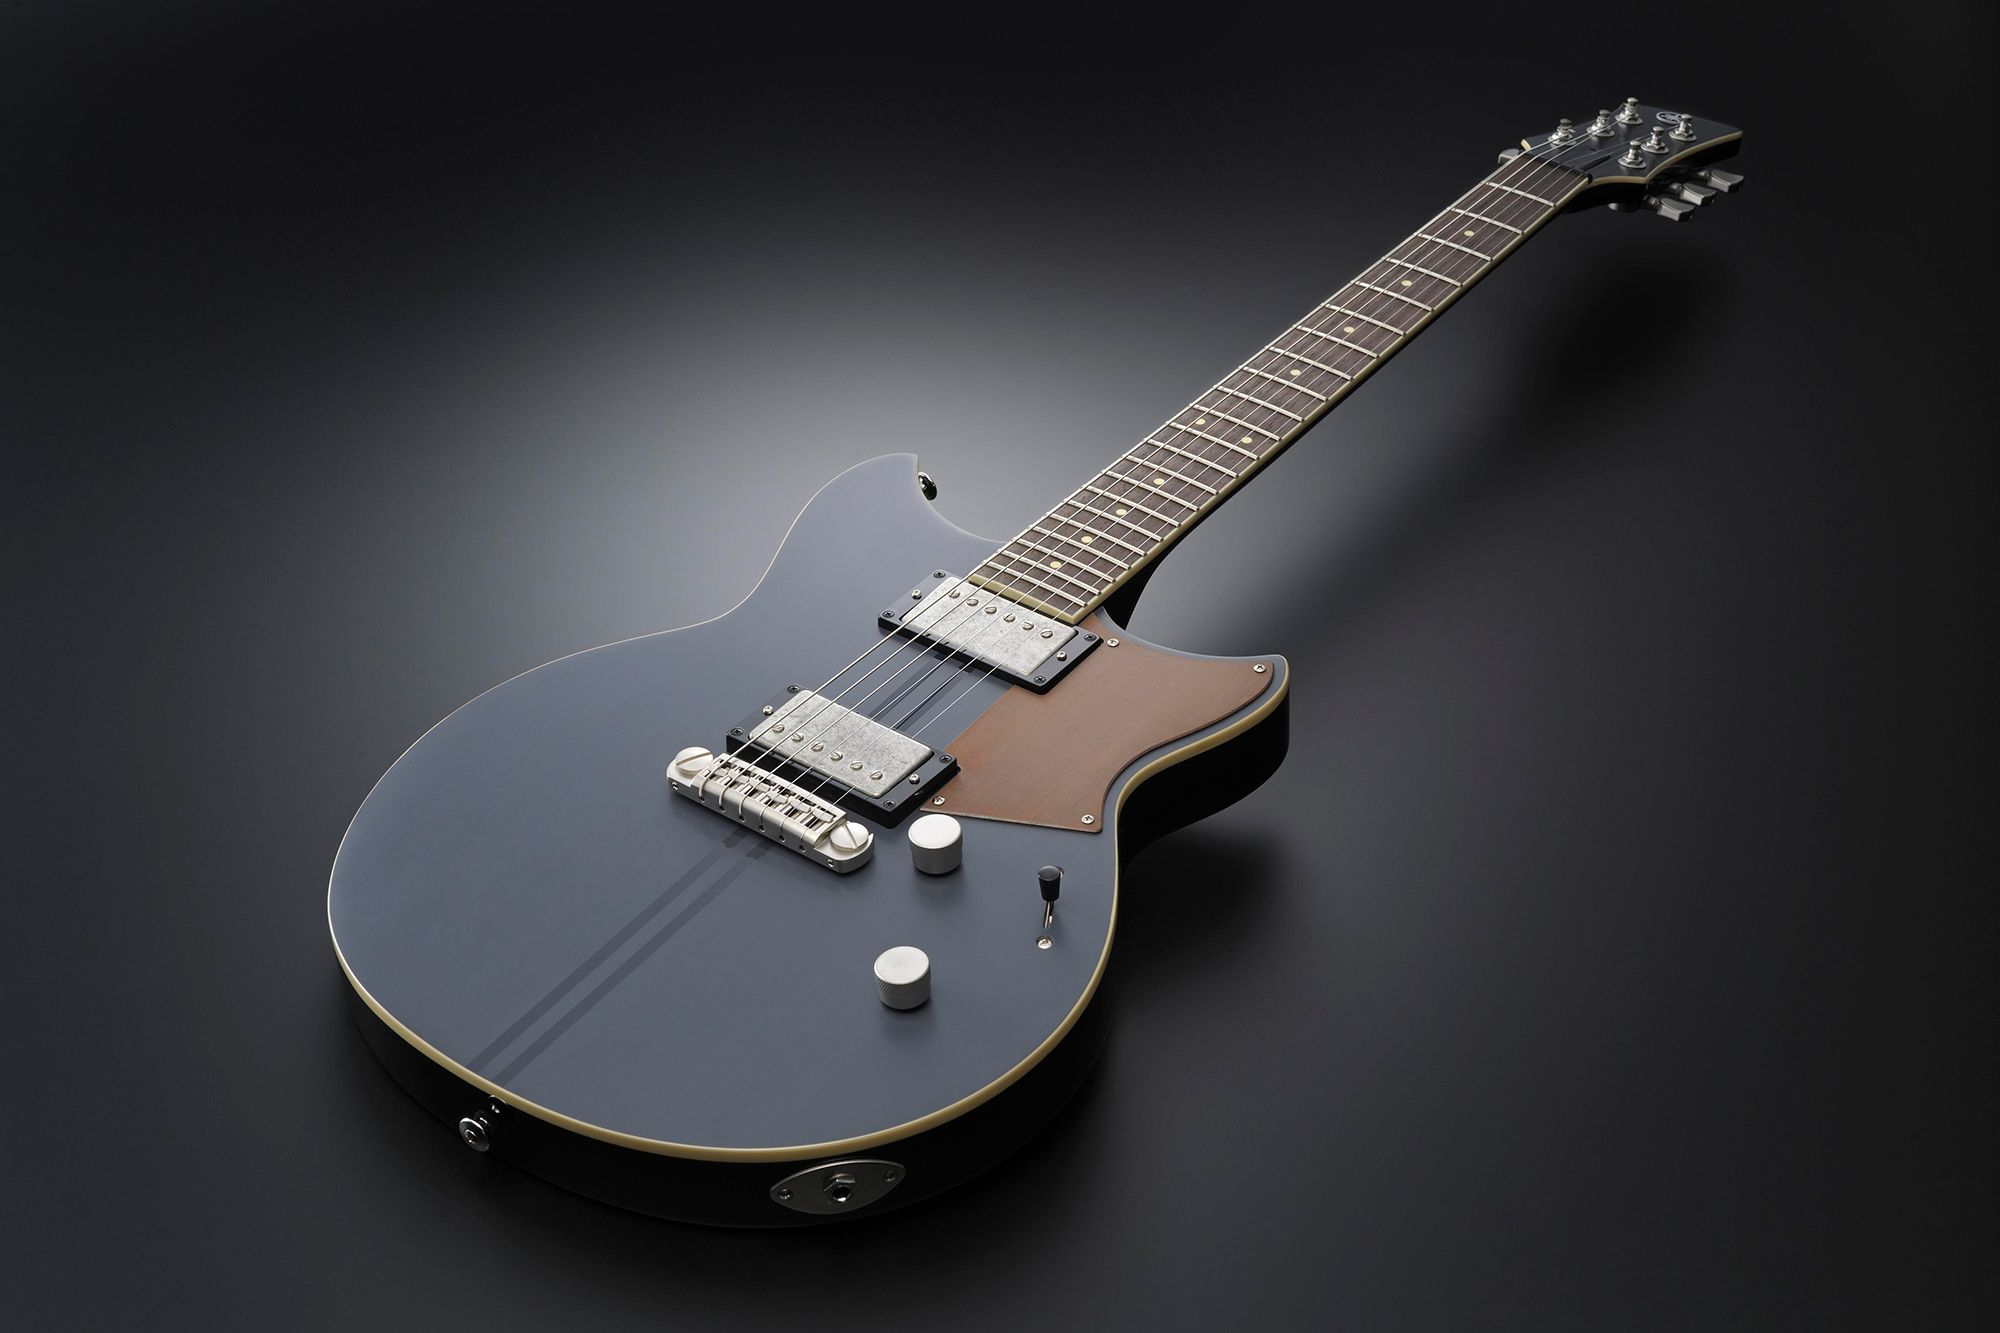 Yamaha Launches The New Revstar Series Of Electric Guitars Blending Yamaha Craftsmanship And Japanese Engineering Te Cool Electric Guitars Guitar Yamaha Guitar